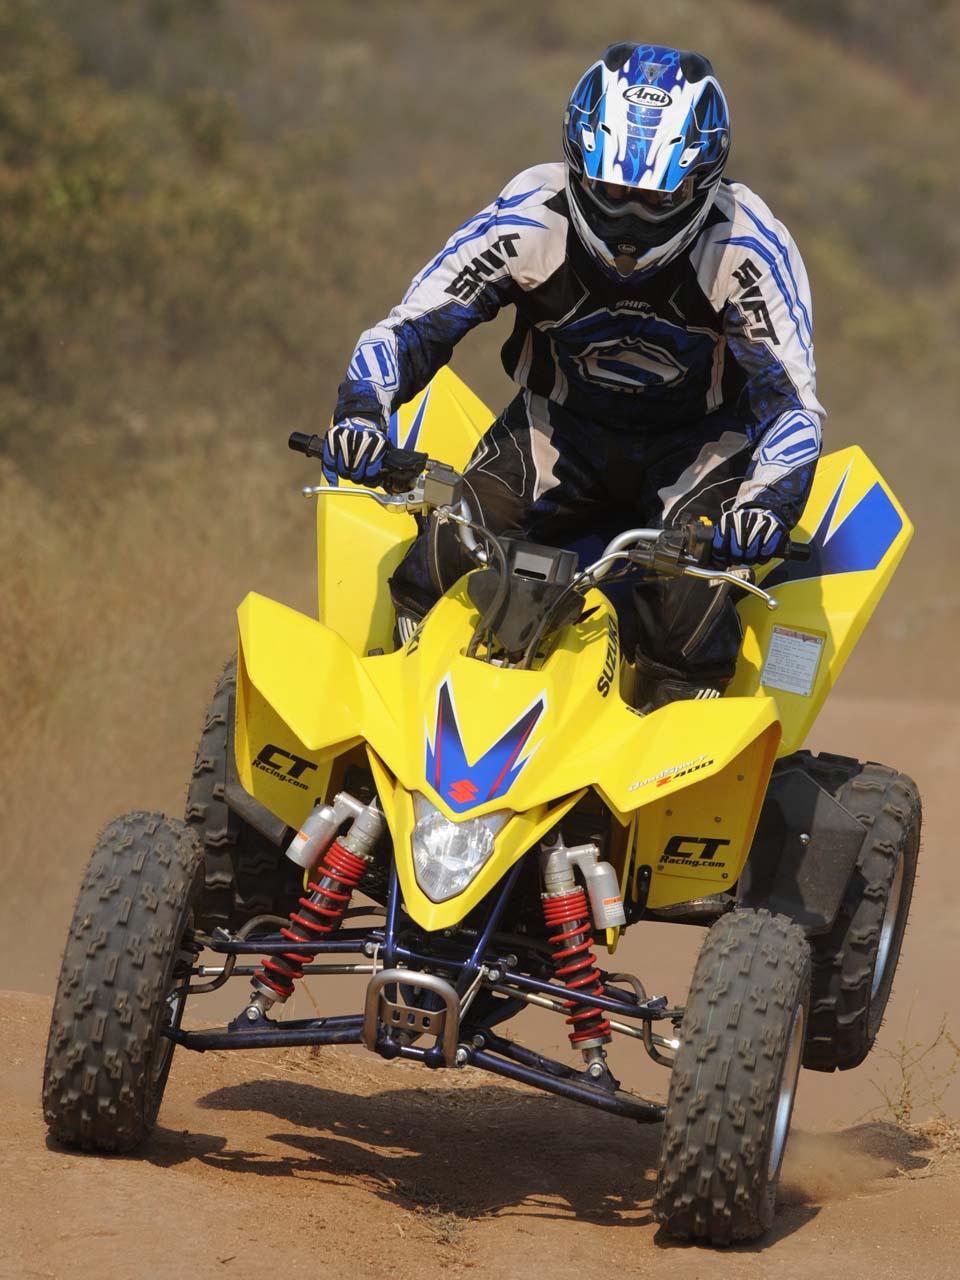 Best Sport Atv The 2011 Suzuki Ltz 400 Atv Illustrated